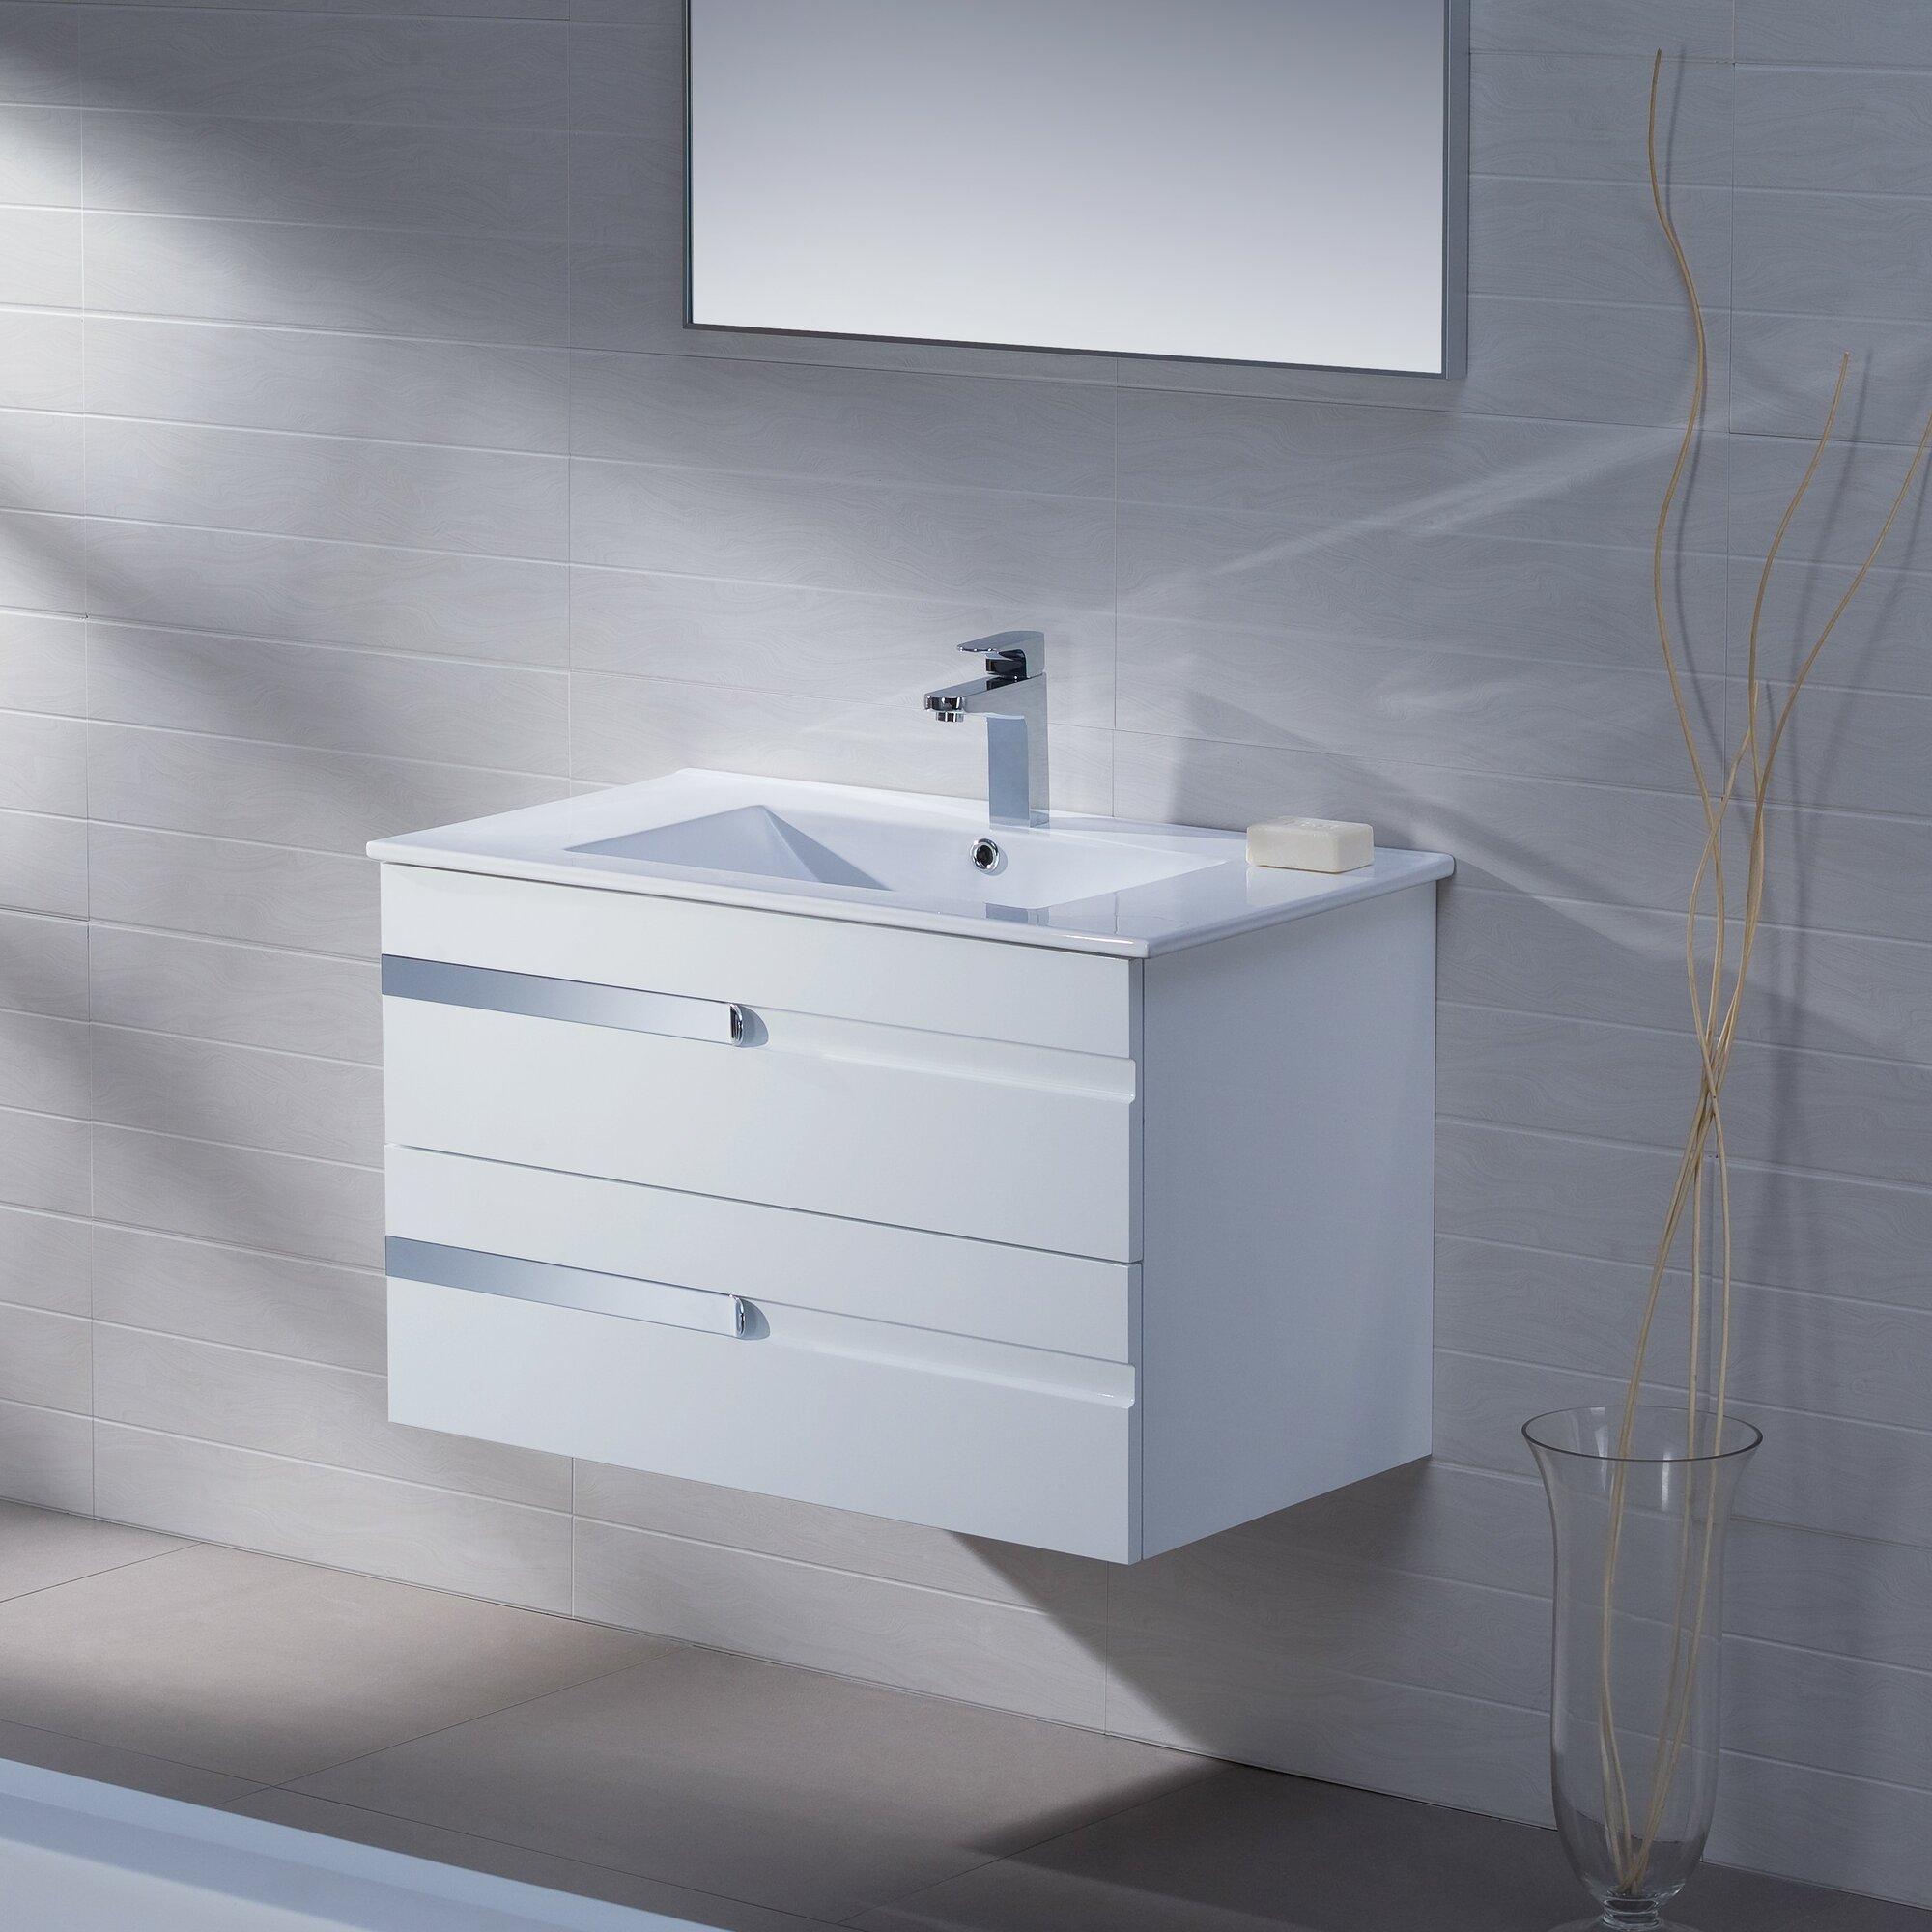 Adornus yasmine 32 single bathroom vanity set with mirror for Bathrooms r us reviews